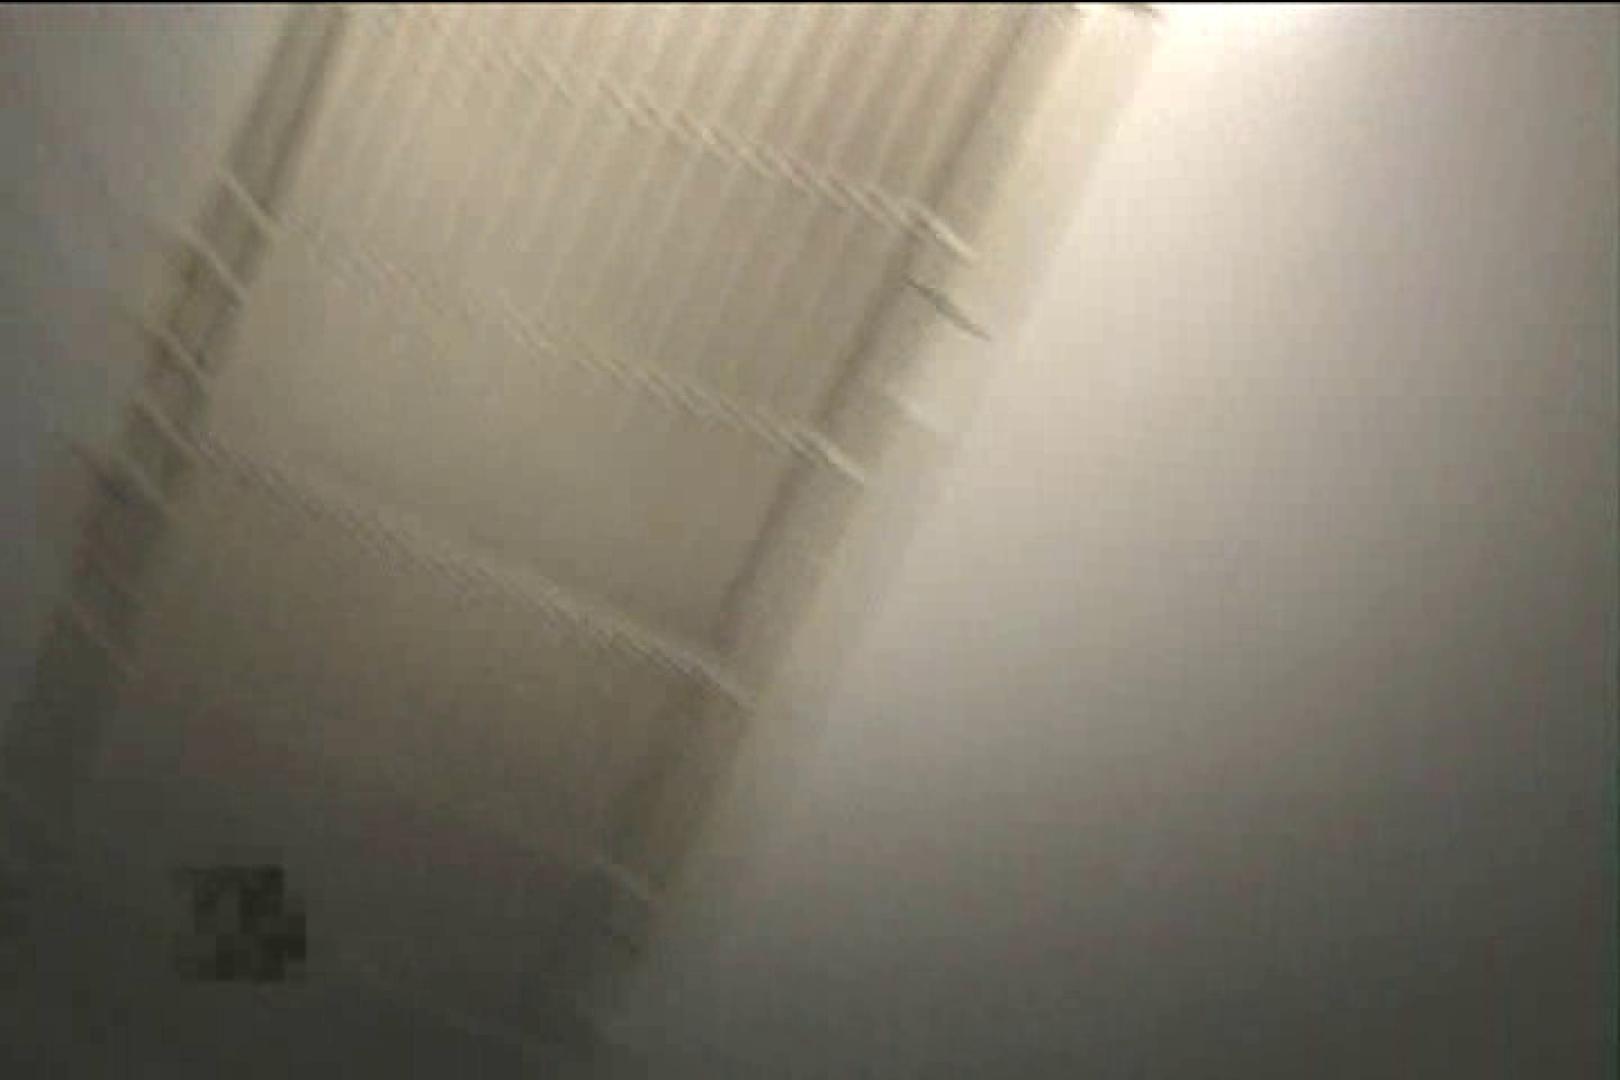 暗躍する夜這い師達Vol.8 おまんこ無修正 われめAV動画紹介 63画像 19